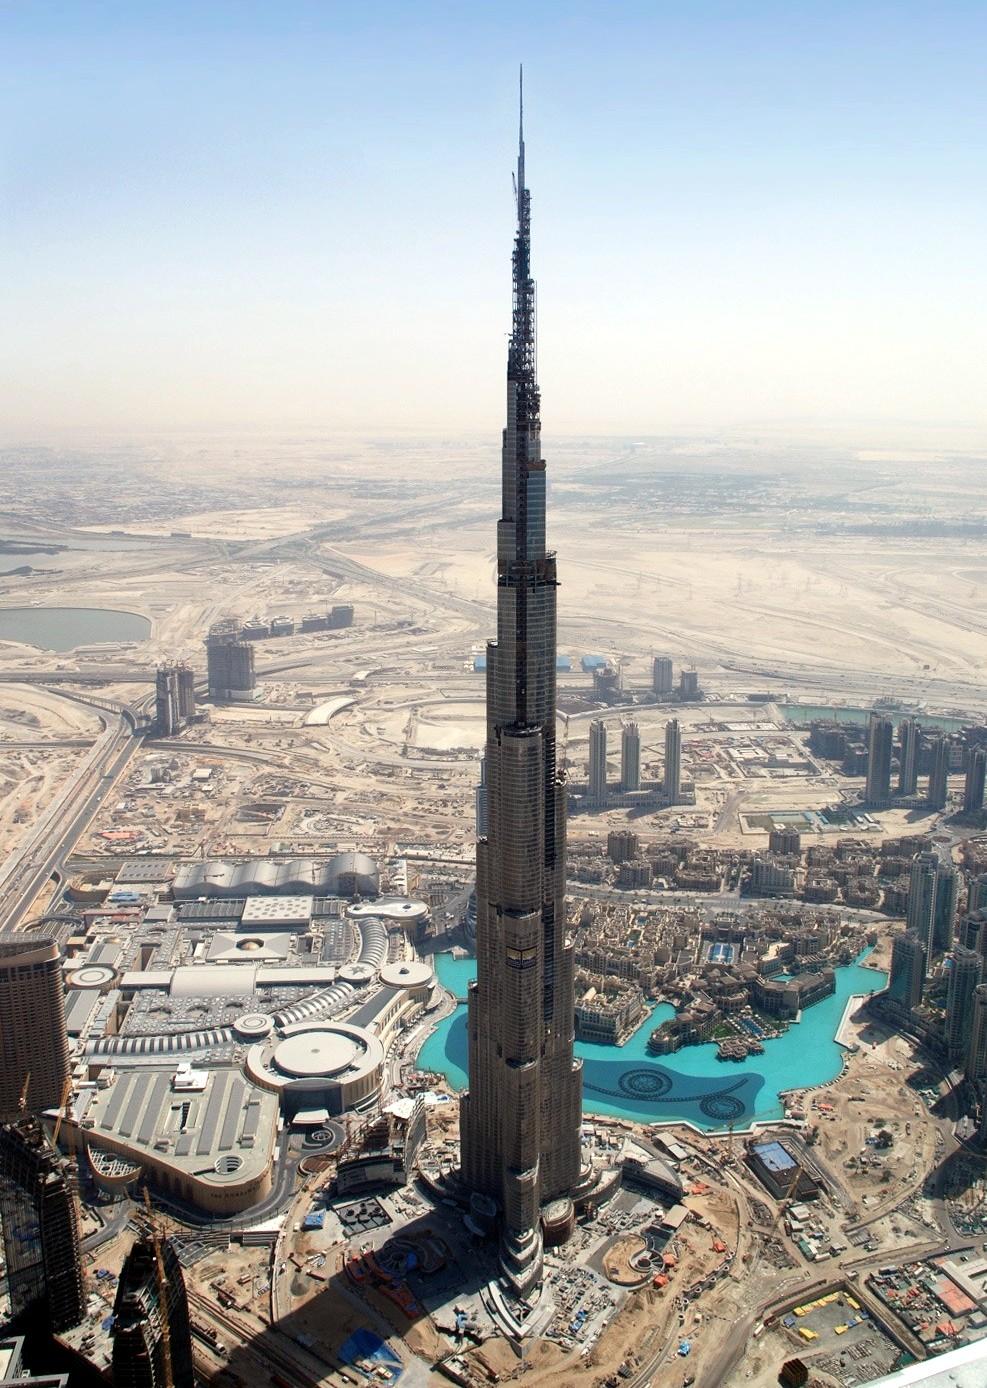 Dubai em árabe دبي dubayy é um dos sete emirados e a